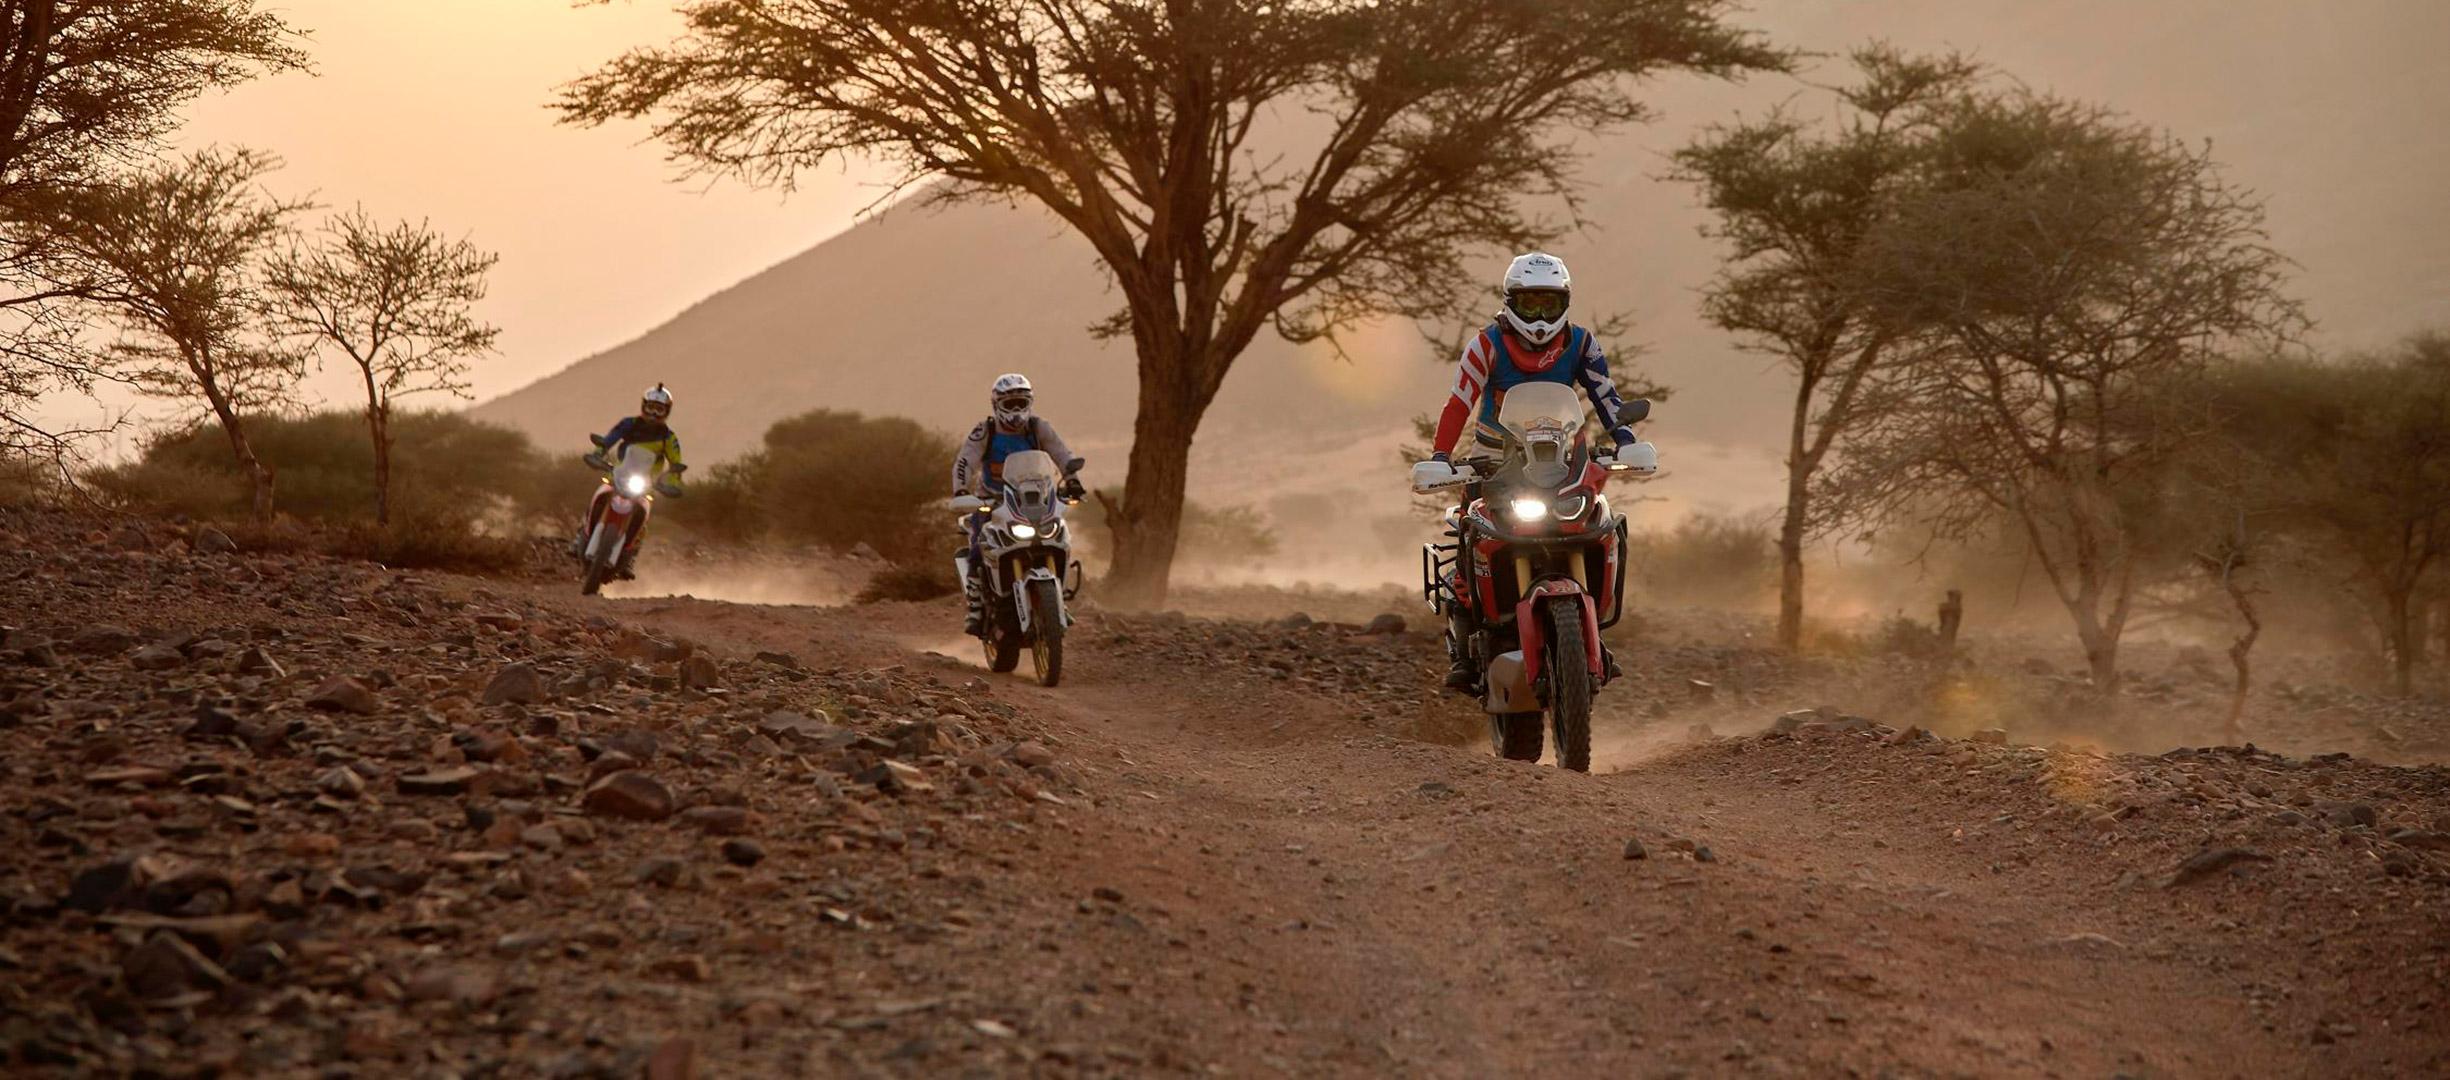 III Edición del Africa Twin Morocco Epic Tour